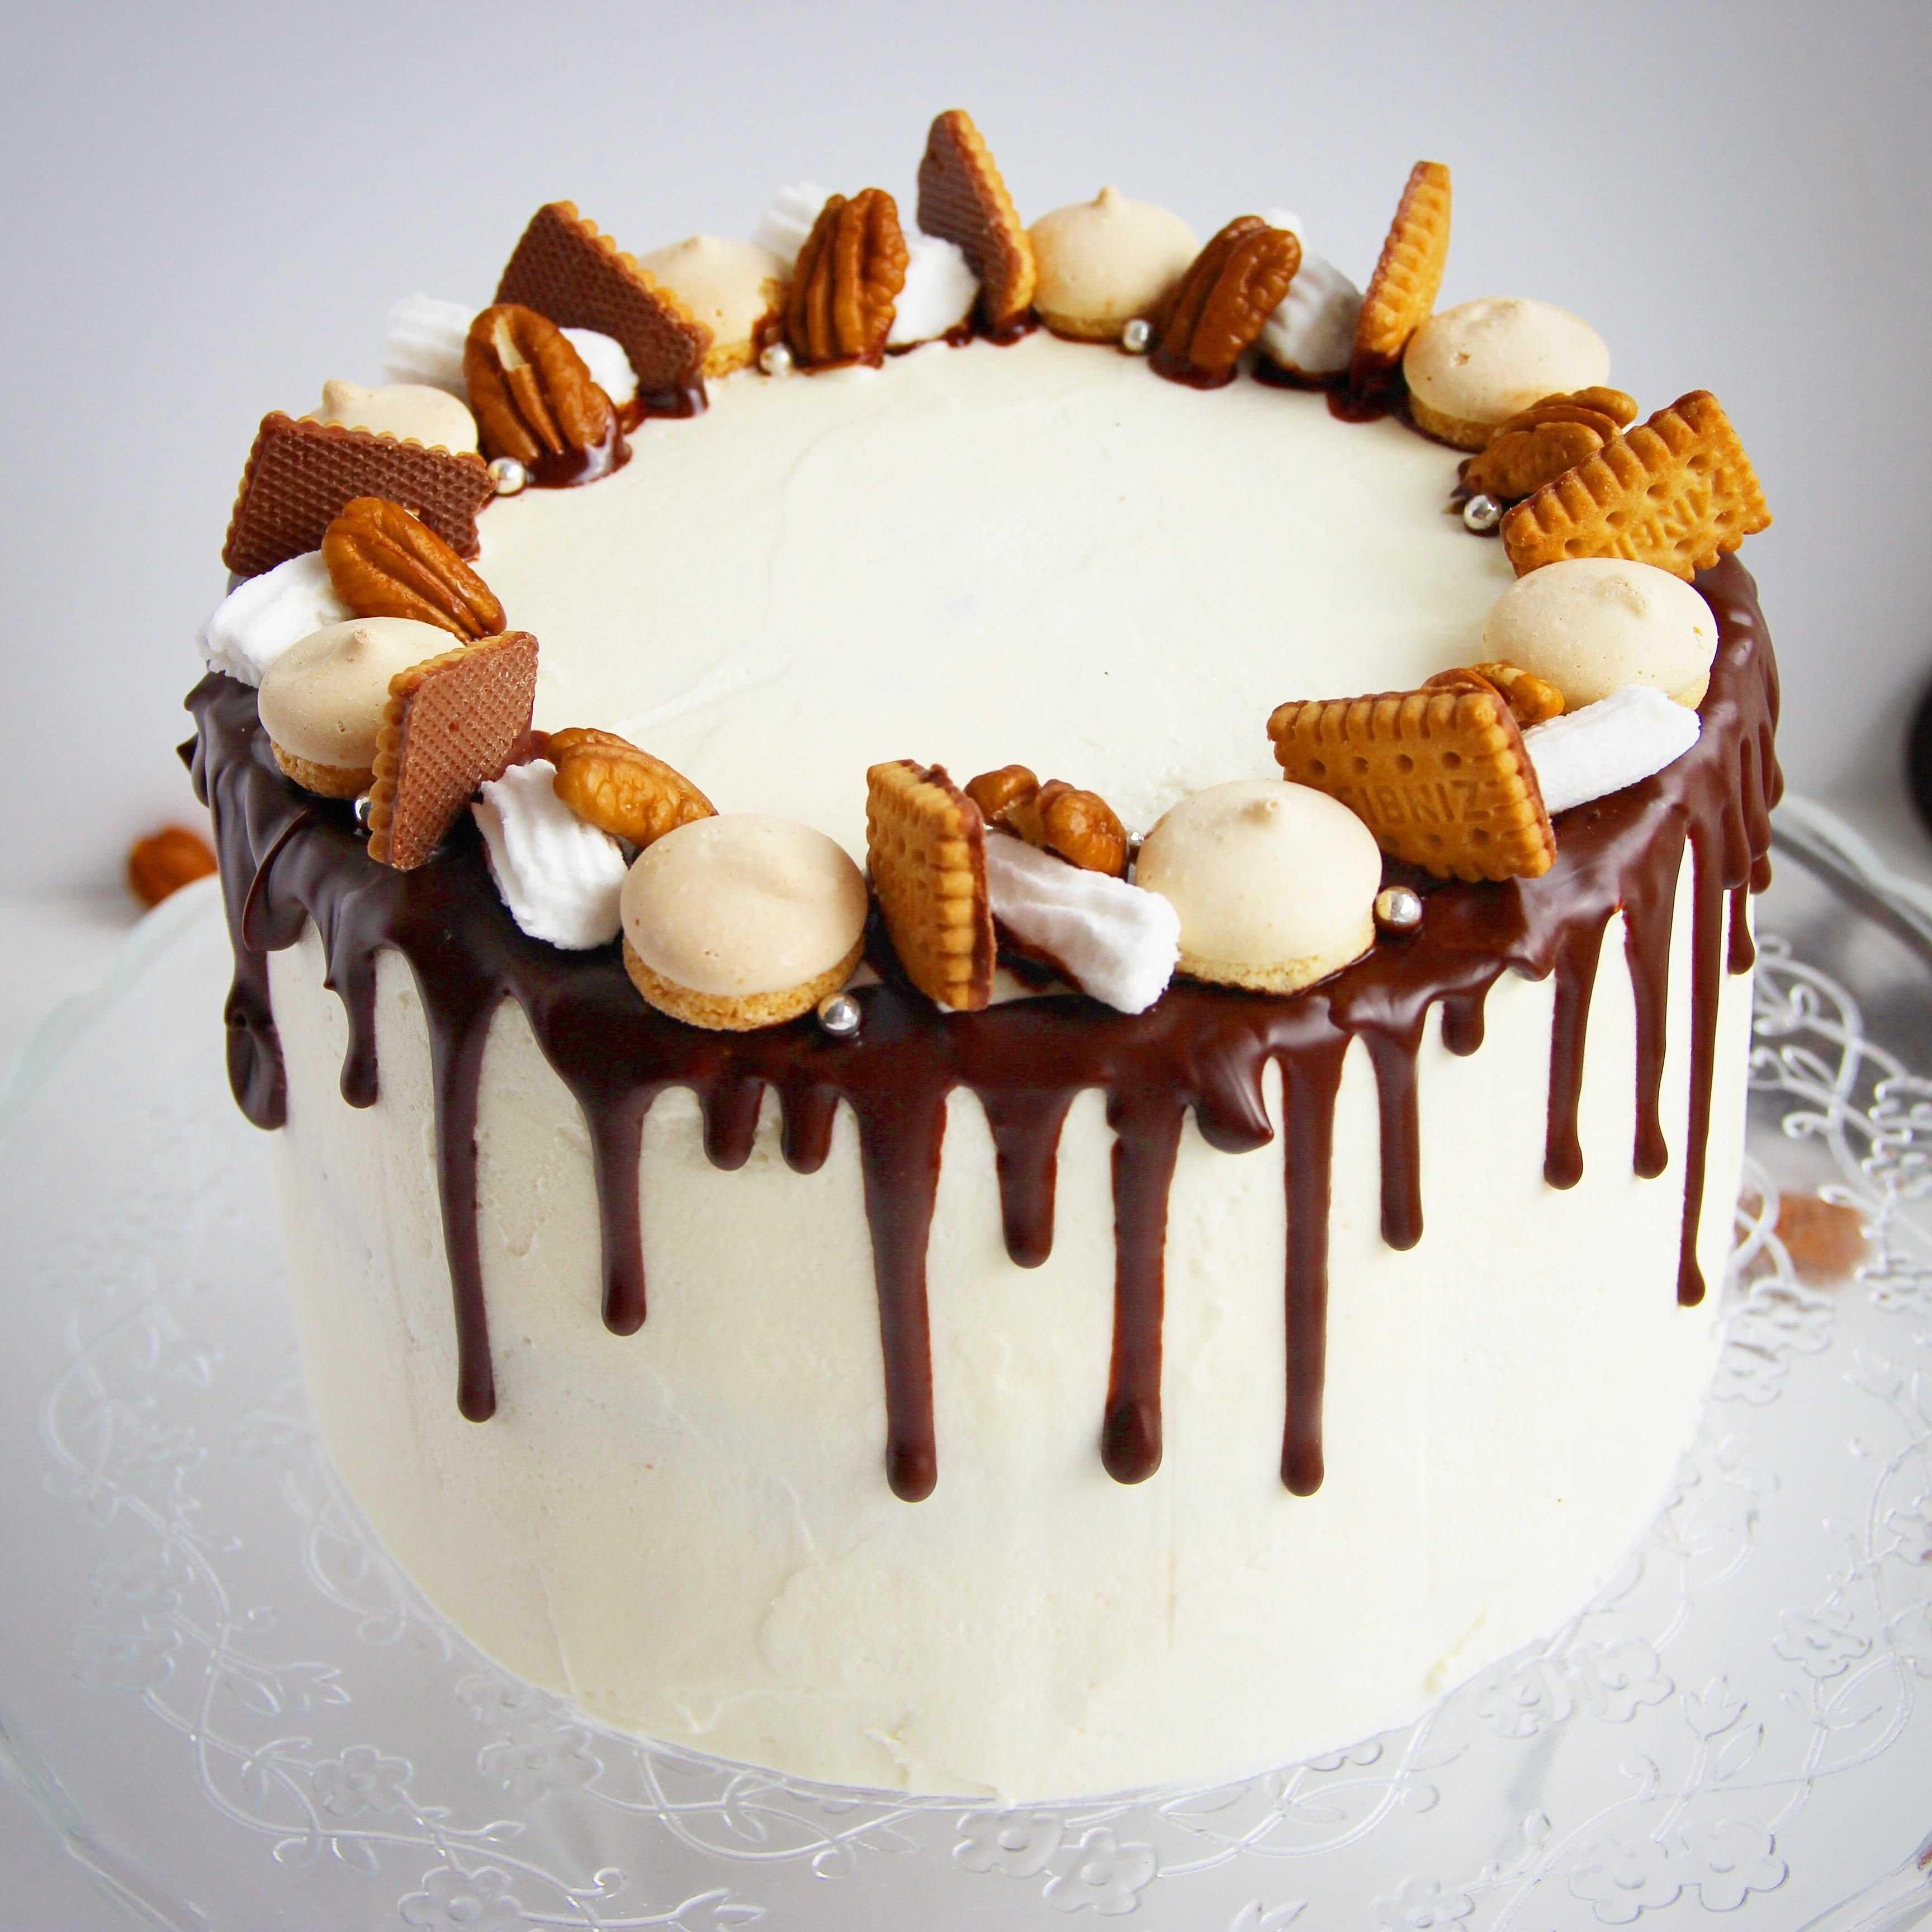 Оранжевый торт на свадьбу украсит церемонию станет ярким элементом сладкого банкета Хотите угостить гостей необычным десертом Как не потеряться в море предложений от кондитеров найти то что вам нужно – подскажет наша статья